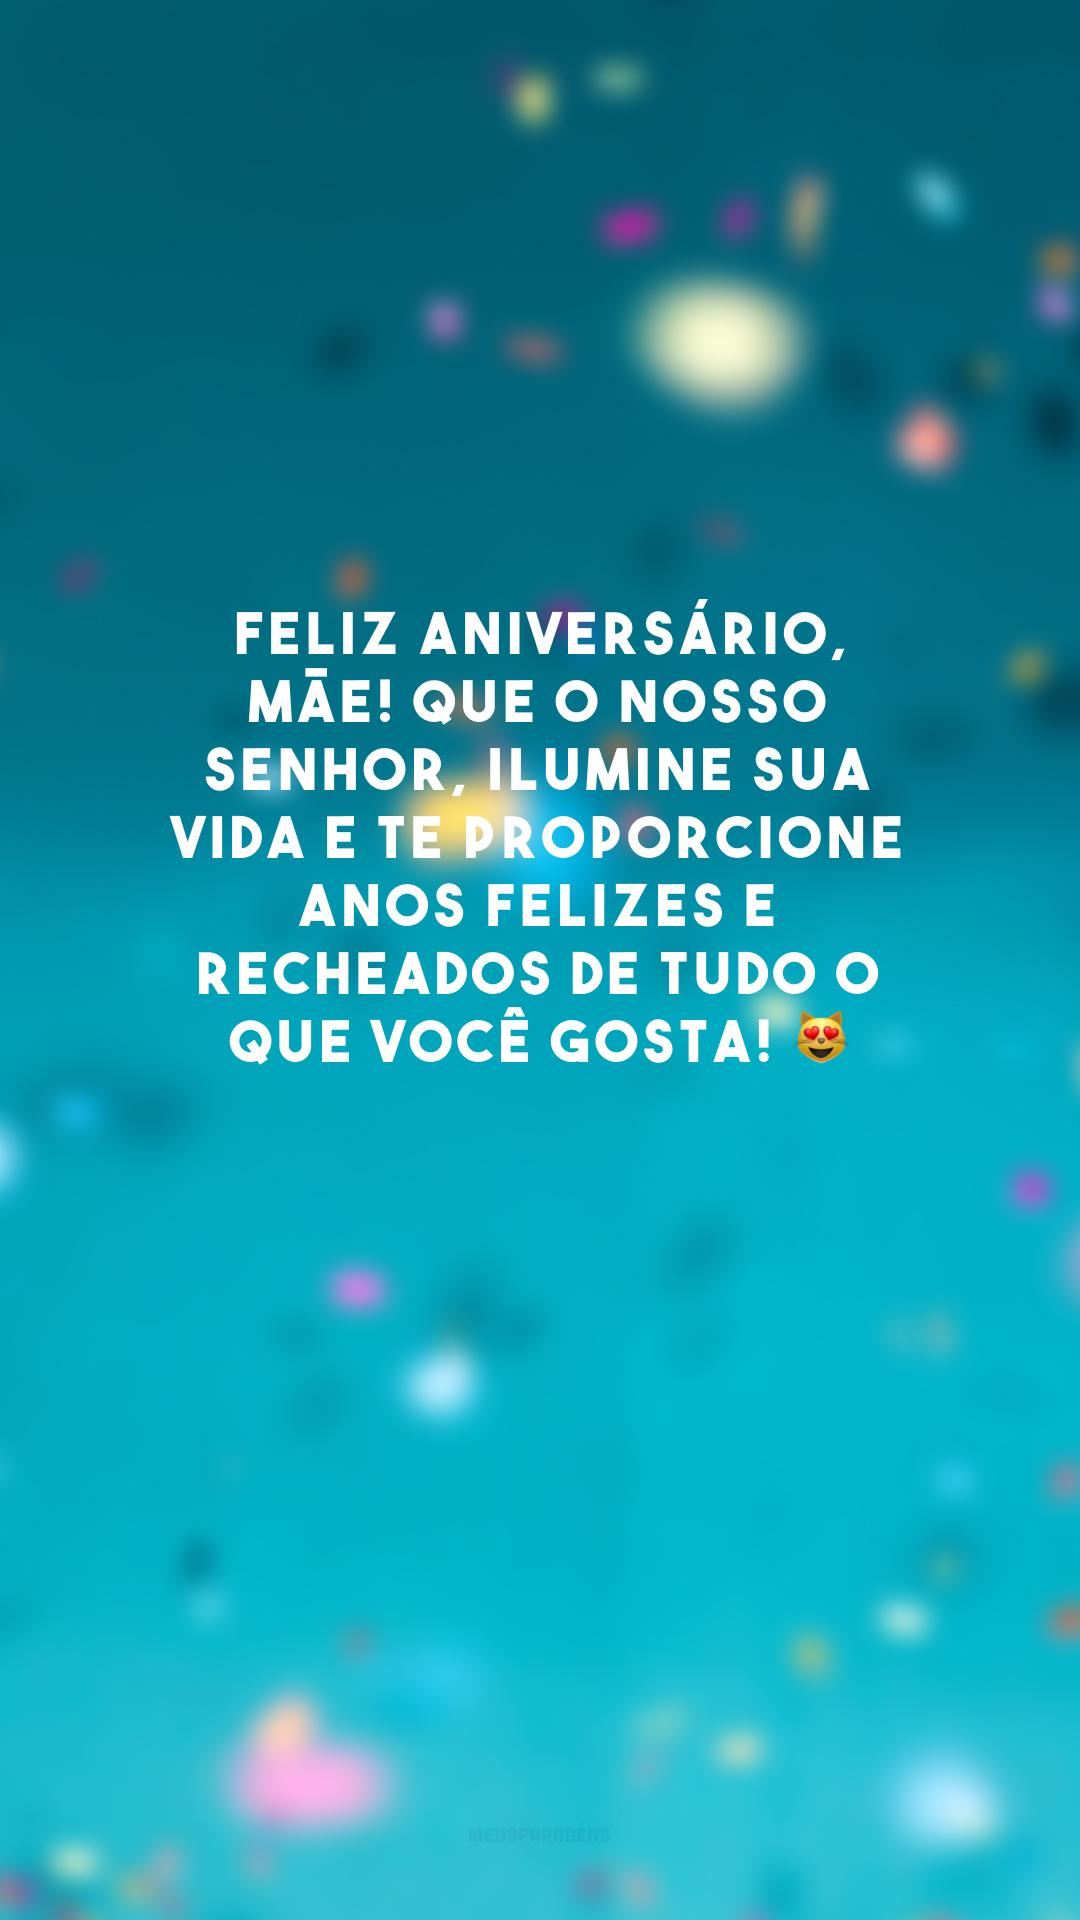 Feliz aniversário, mãe! Que o nosso Senhor, ilumine sua vida e te proporcione anos felizes e recheados de tudo o que você gosta! 😻